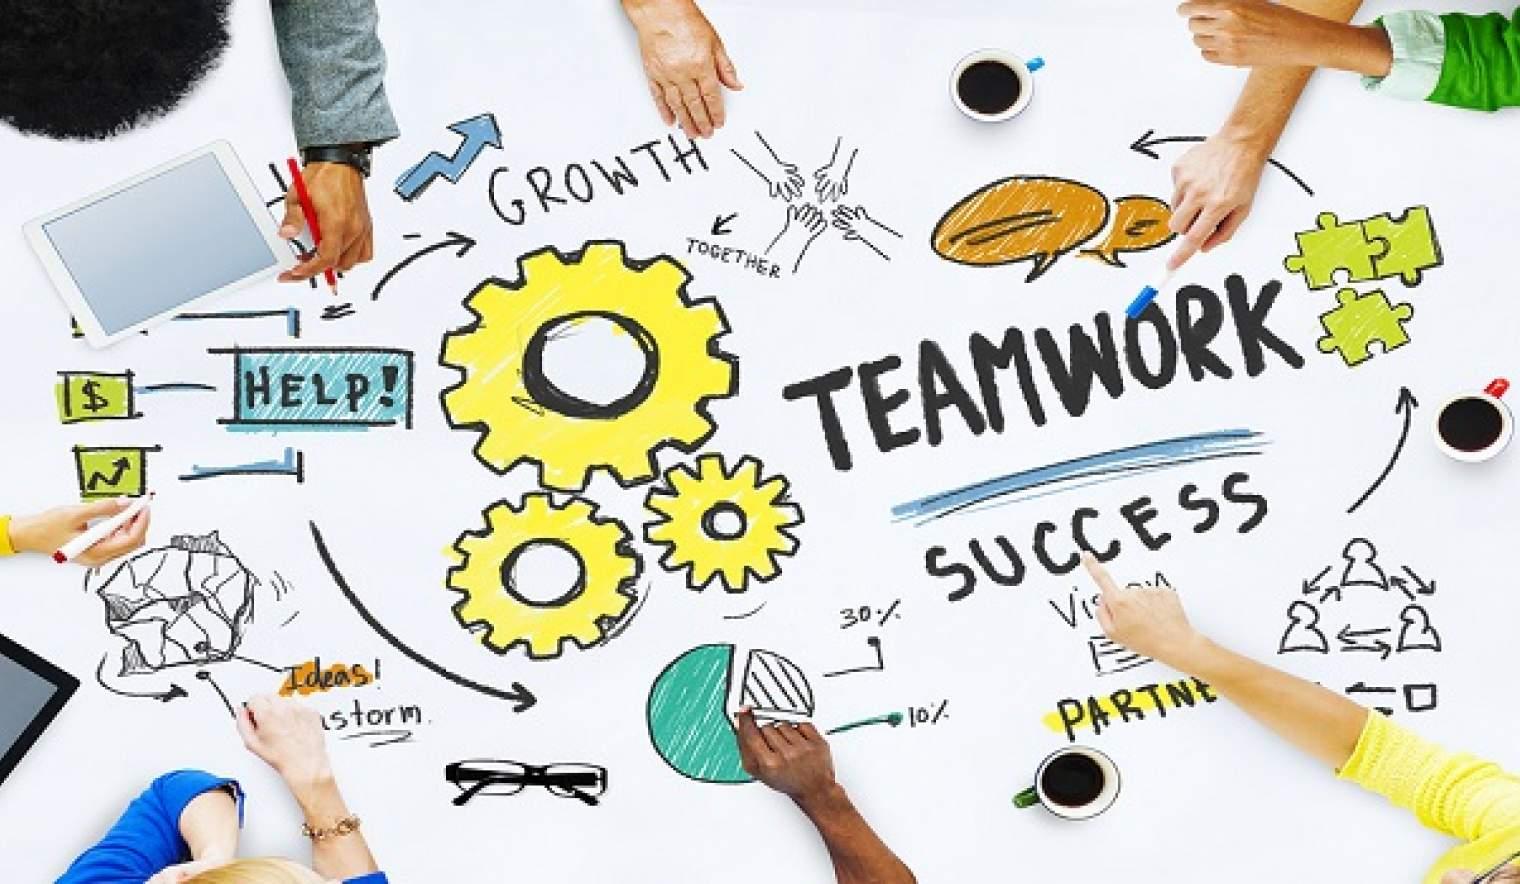 در این مقاله به تعریف نقش SPOA میپردازیم، همه میخواهند که کار بیشتری را در زمان کمتری انجام بدهند، ولی وقتی که نیاز به همکاری باشد، معمولا مشکلات یکسانی برای همه پیش می آید: سردرگمی در مورد اینکه چه کسی مسئول چه فعالیتی است، اصطکاک بین تیم ها و یا دپارتمان های دخیل در پروژه و یا اینکه برخورد به یک مشکل جزئی باعث توقف کل پروژه میشود. یک شرکت خدمات ملک در آمریکا راهکاری برای این مشکل ارائه میدهد که نام آن را Single Point of Accountability و یا SOPA گذاشته است که ترجمه کلمه به کلمه آن نقطه یکتا مسئولیت میباشد. SPOA چگونه کار میکند؟ برای هر پروژه ای که نیاز به همکاری چندین تیم دارد، یک نفر به عنوان SPOA مشخص میشود. این فرد مسئول پیشبرد آن پروژه، رفع مشکلات، رفع ابهام و تفویض وظایف است. البته او مجبور نیست کل پروژه را خودش انجام بدهد، اما باید اطمینان حاصل کند که این پروژه انجام میشود و مسئولیت های همه مشخص است. همچنین وقتی کسی نیاز به بروزرسانی و یا آپدیت در مورد پروژه دارد، SPOA شخصی است که باید به سوال های او پاسخ دهد. یادداشت ها یادداشت ها teamworkteamw